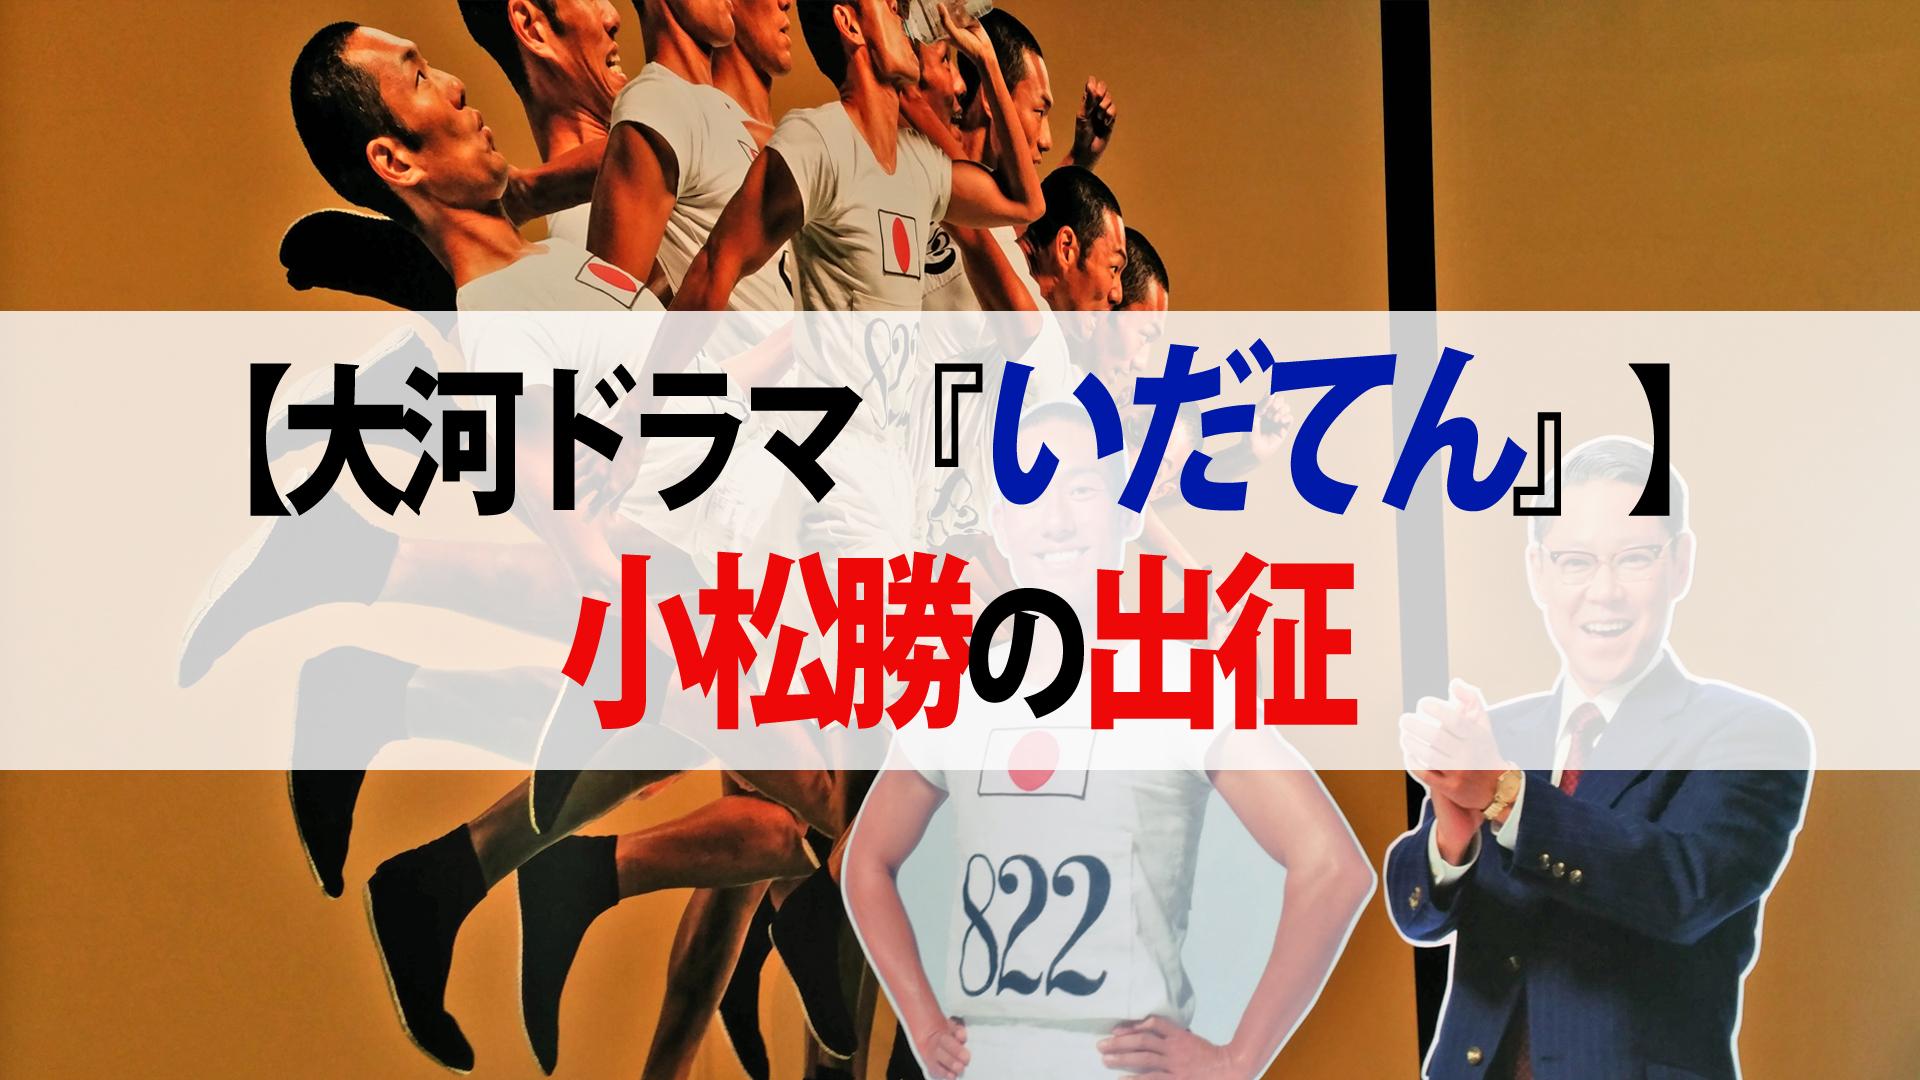 【いだてん『長いお別れ』】『小松勝の出征』『東京オリンピック返上』『志ん生倒れる』第38回への反響まとめ